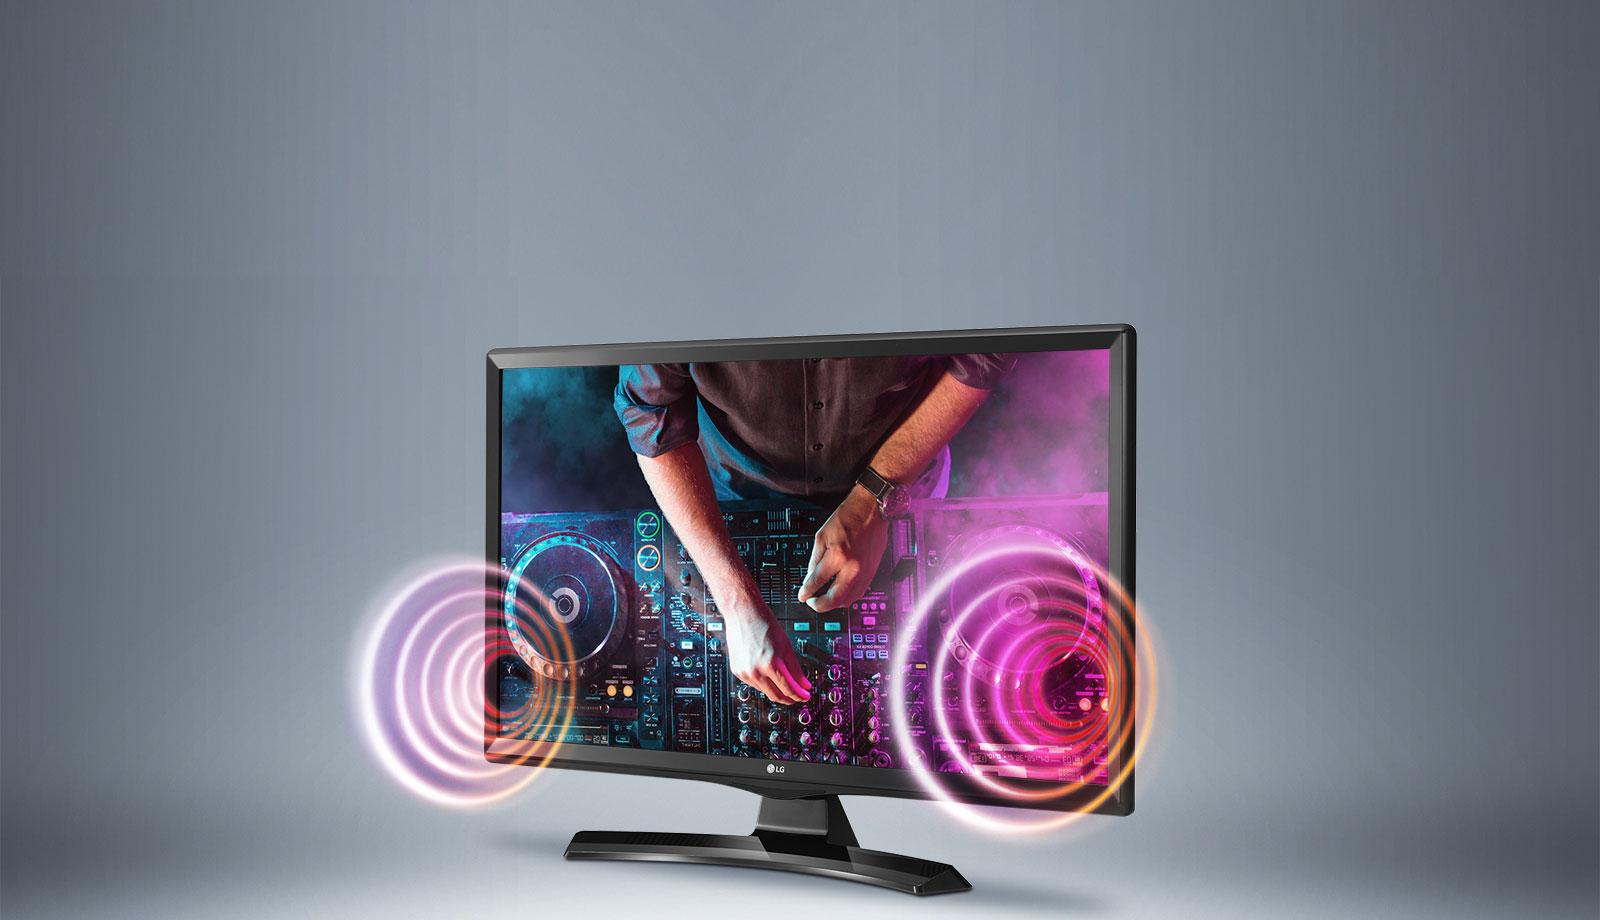 TV LG 28TK410V